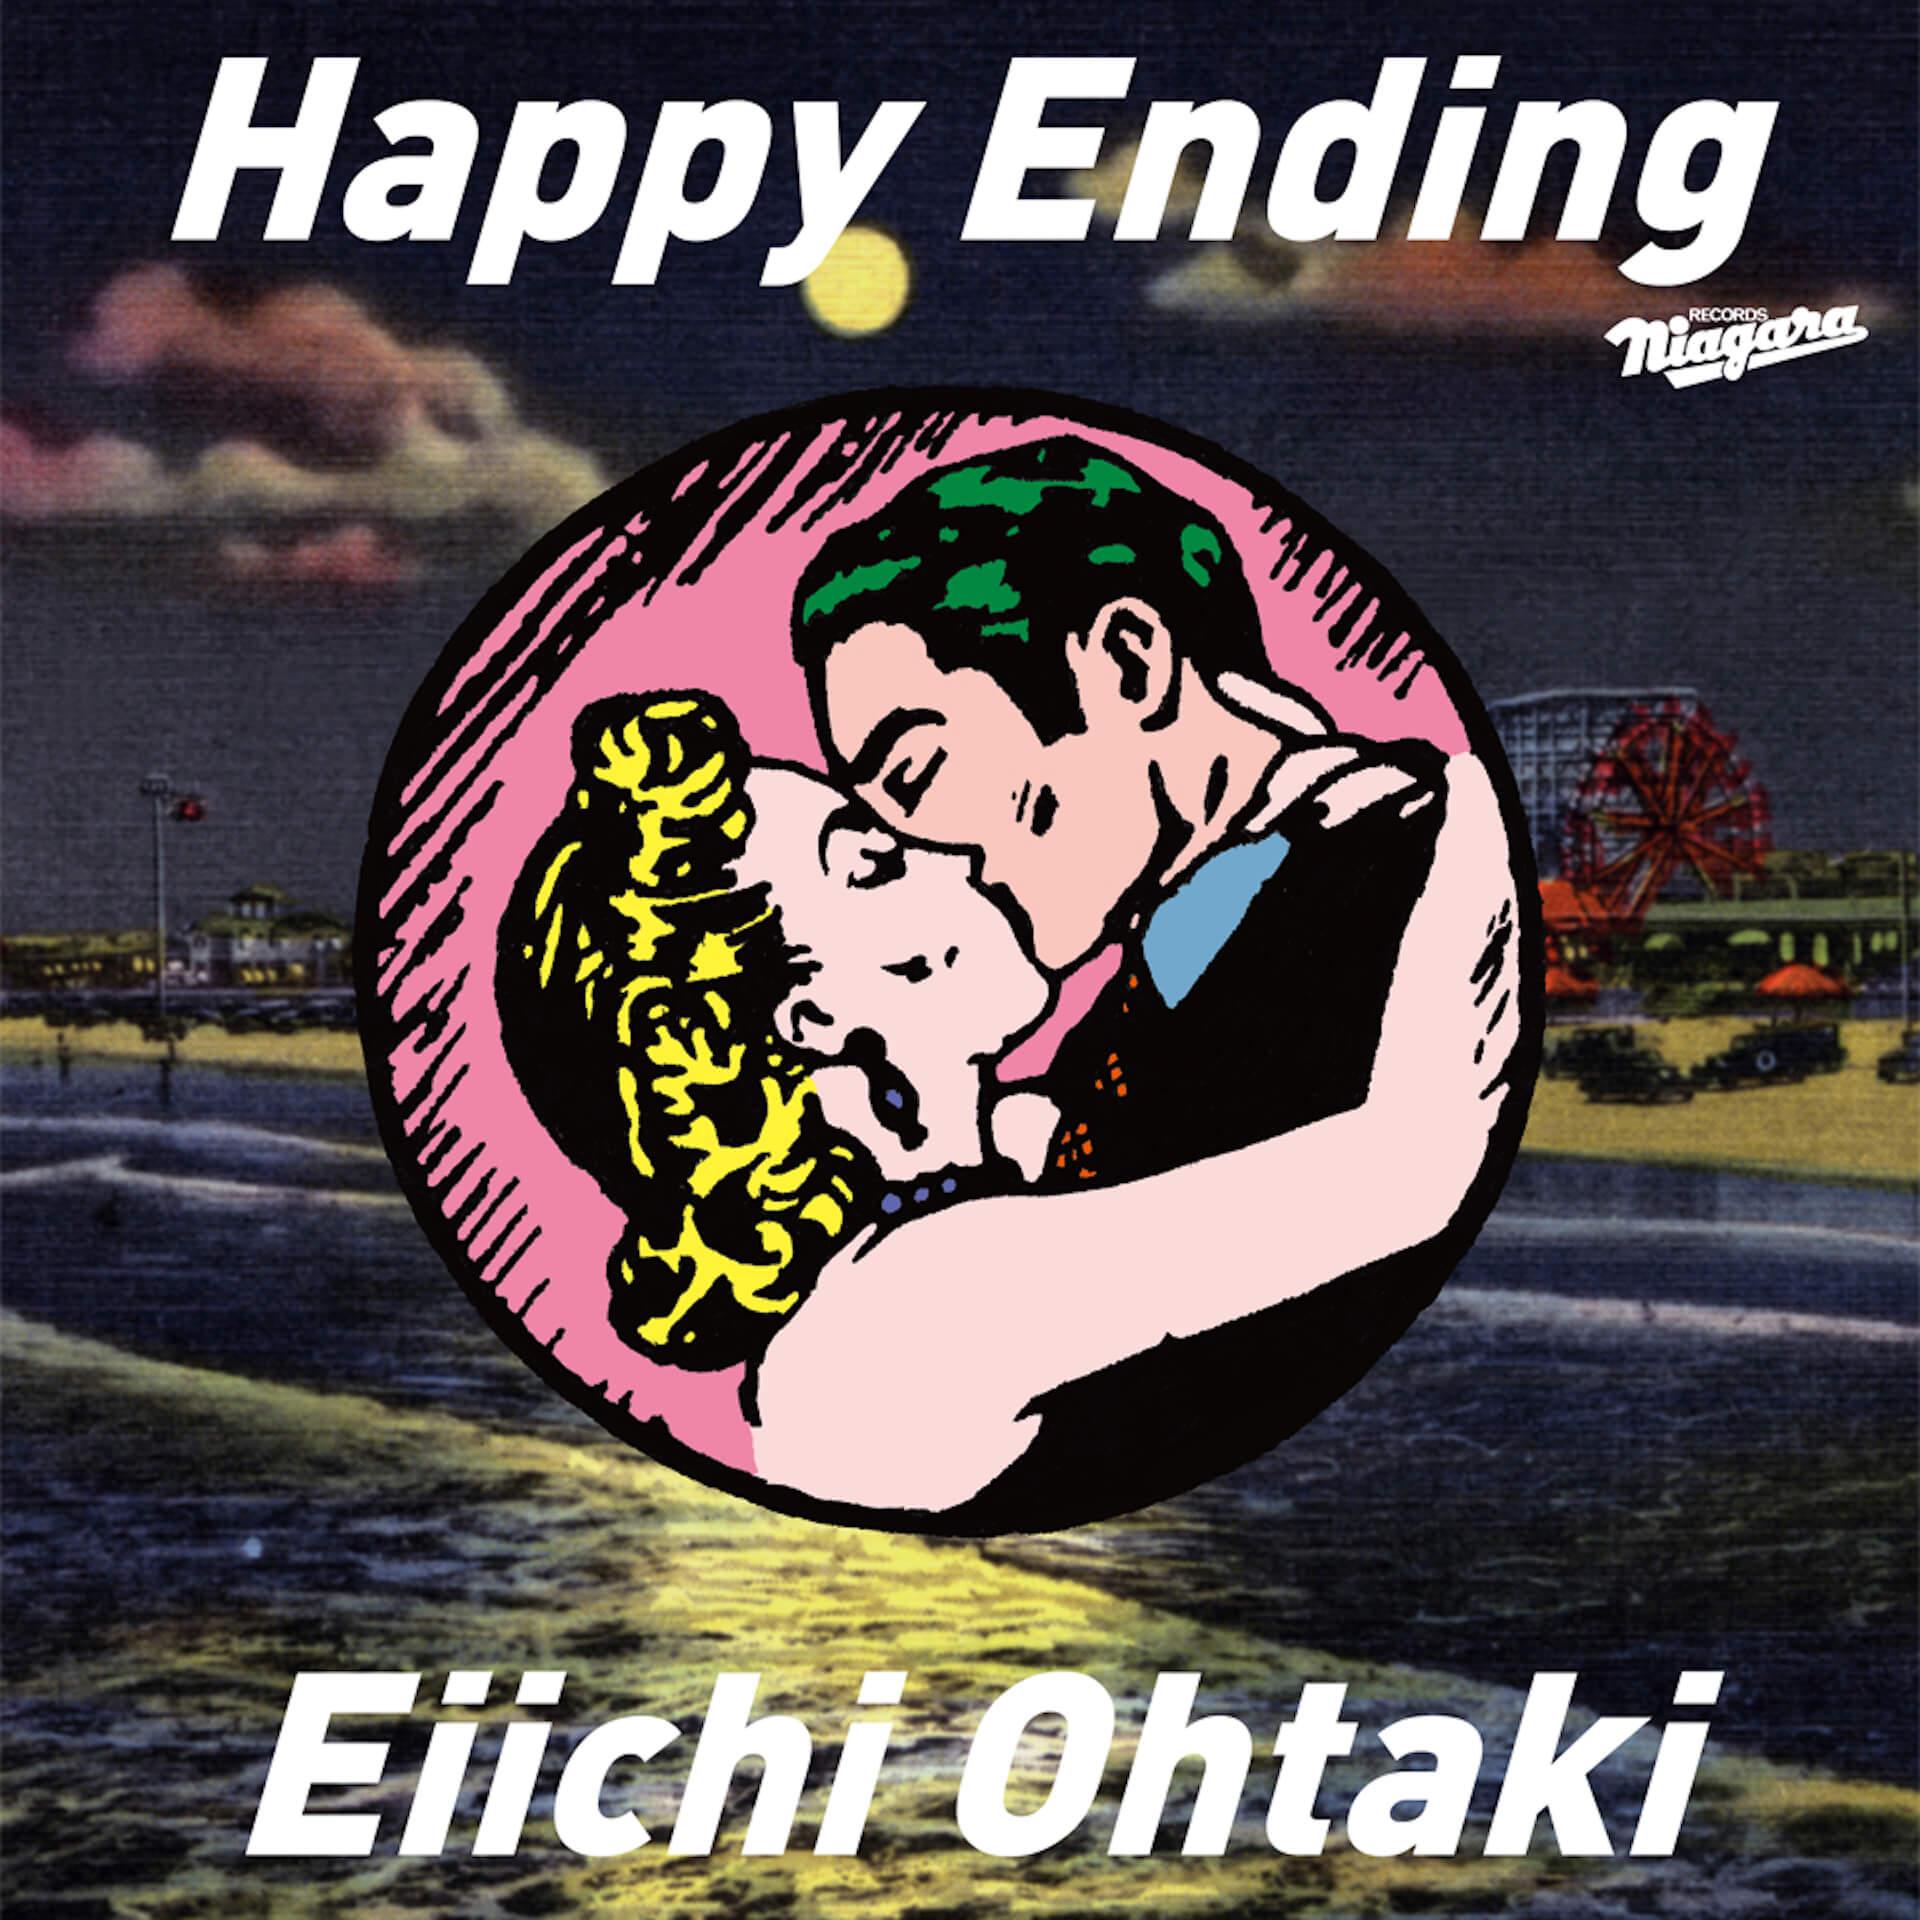 大瀧詠一50周年記念アルバム『Happy Ending』初回限定盤収録の「君は天然色」が注目のTVアニメ『かくしごと』エンディングテーマに決定! music200303_ohtakieichi_2